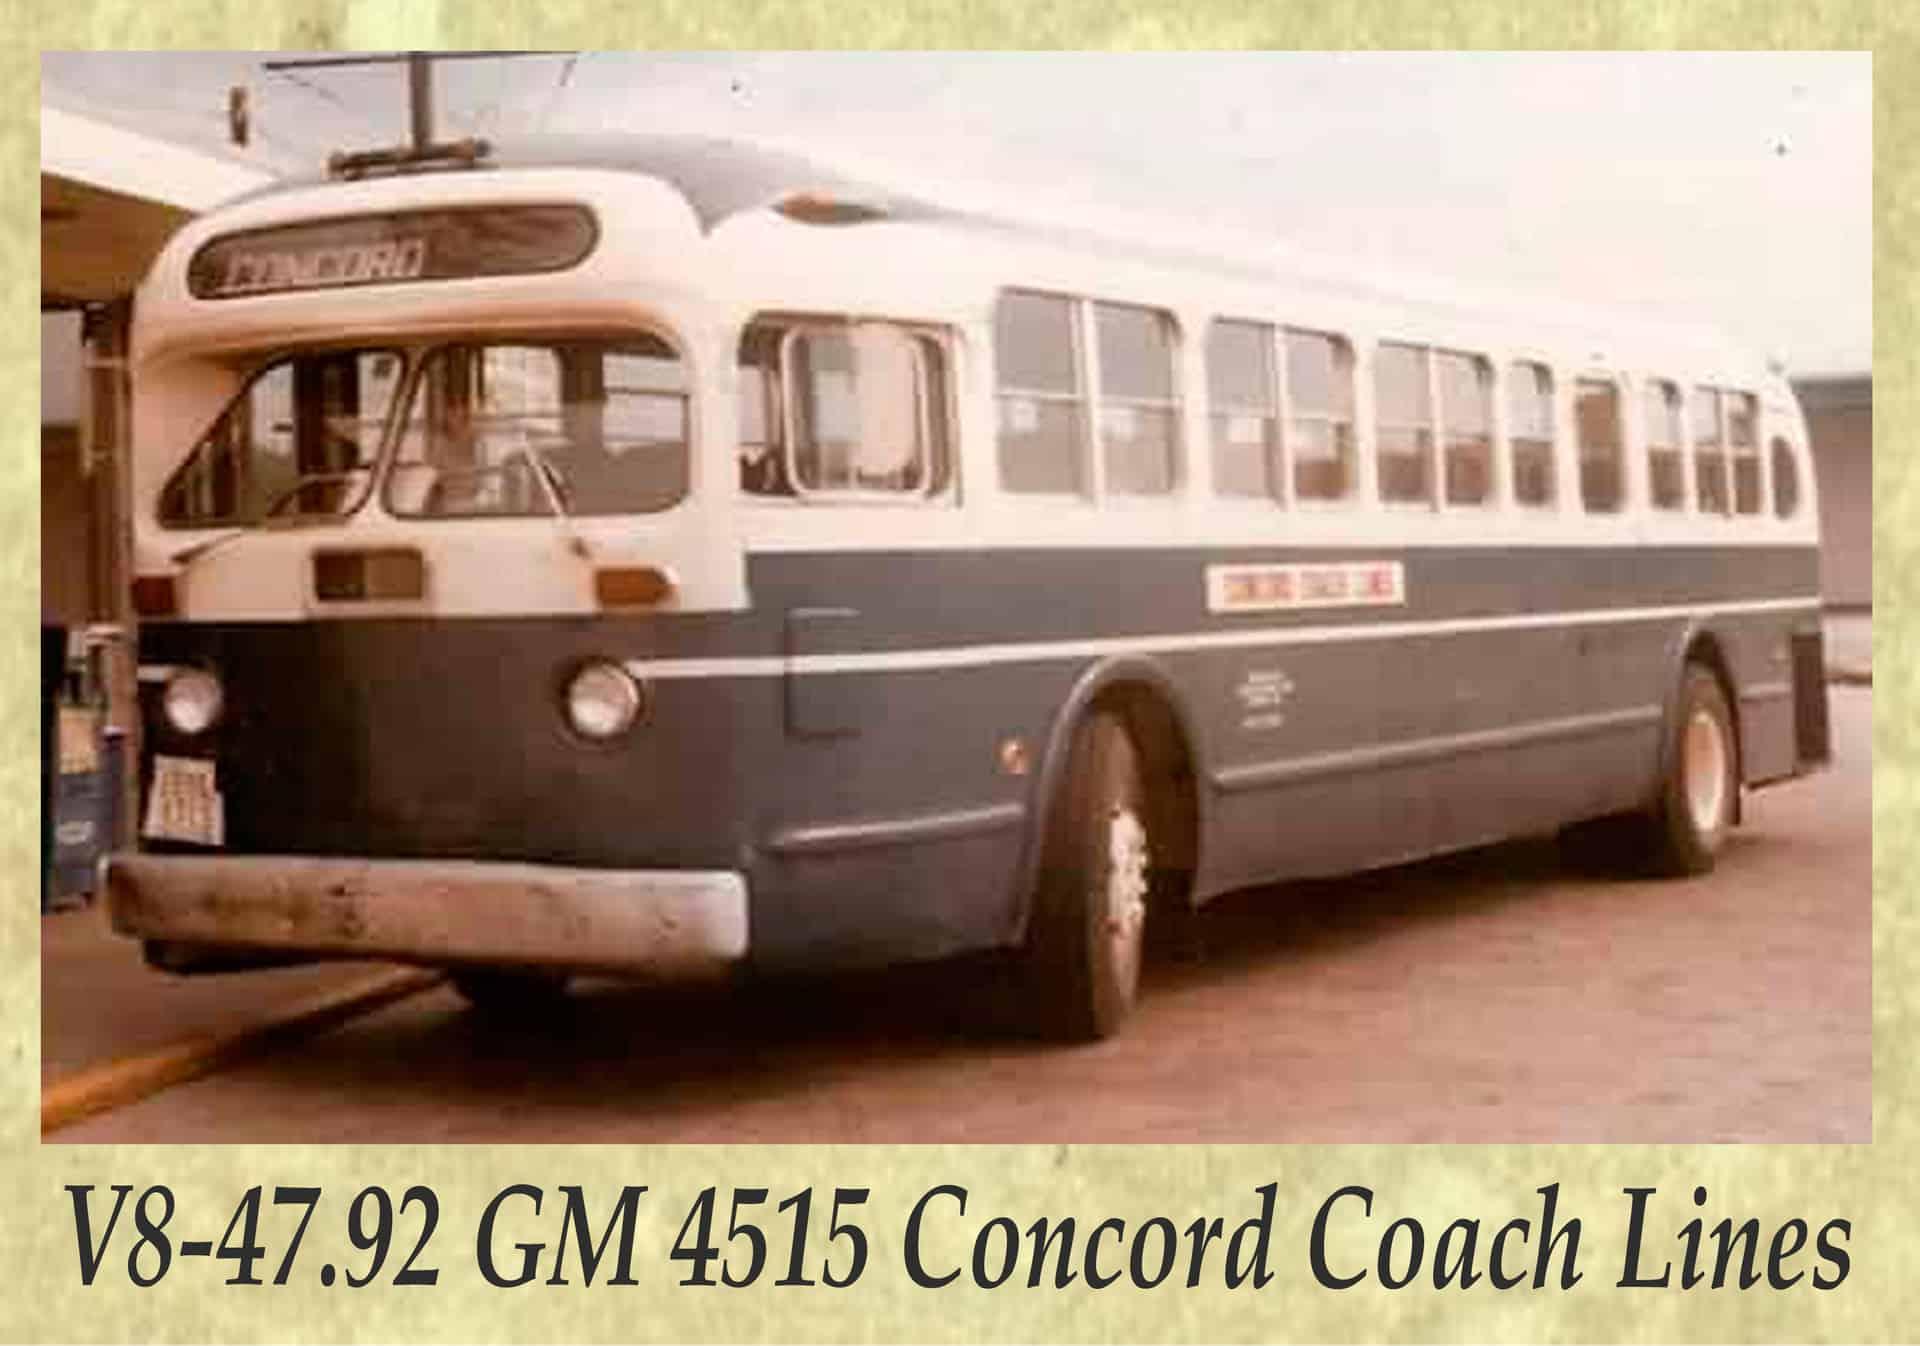 V8-47.92 GM 4515 Concord Coach Lines